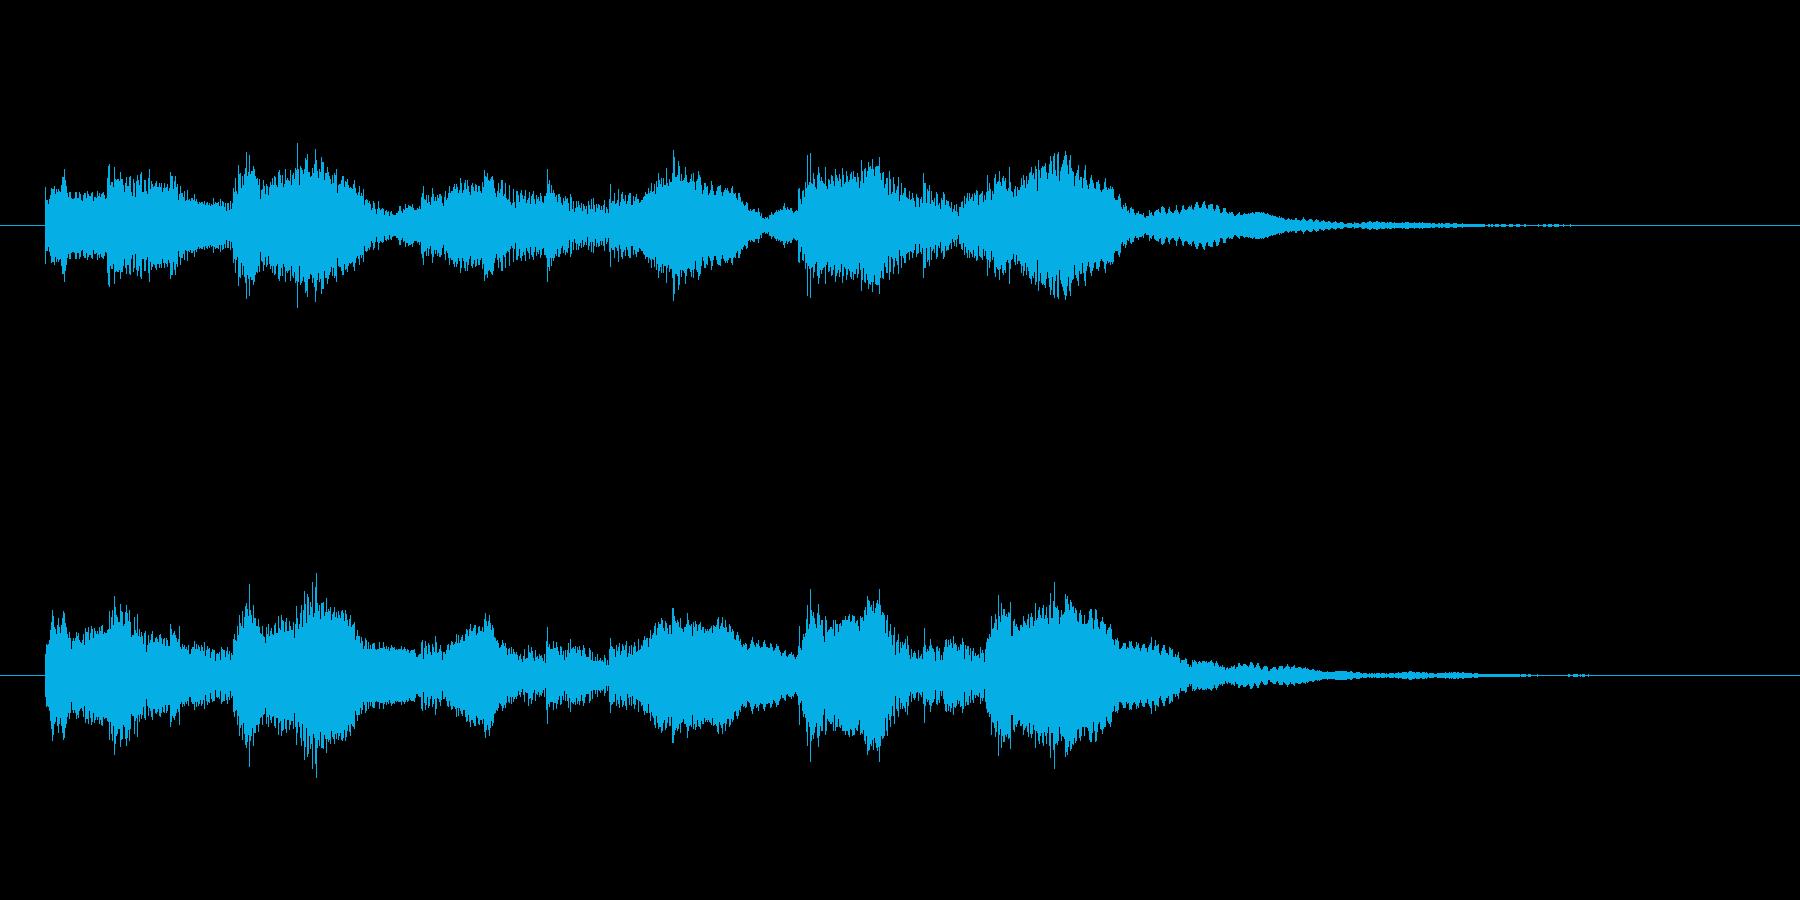 ふんわりした空気感のある音の再生済みの波形